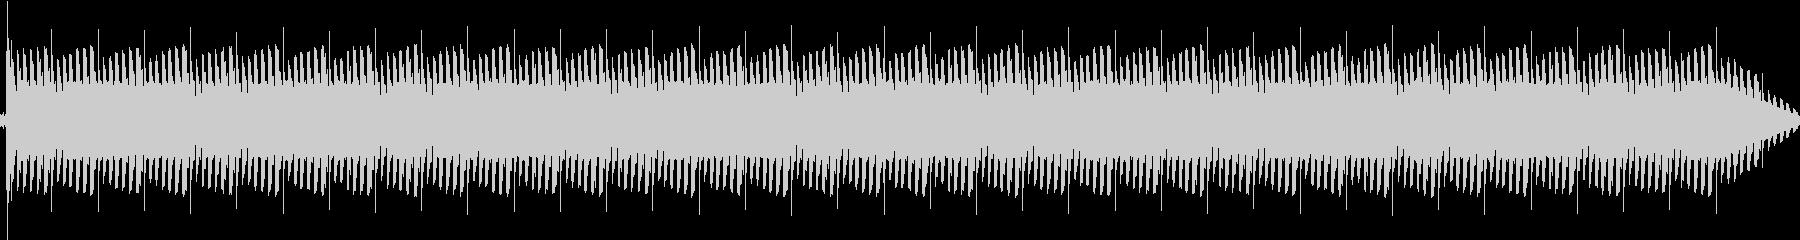 トーンリングバードループの未再生の波形